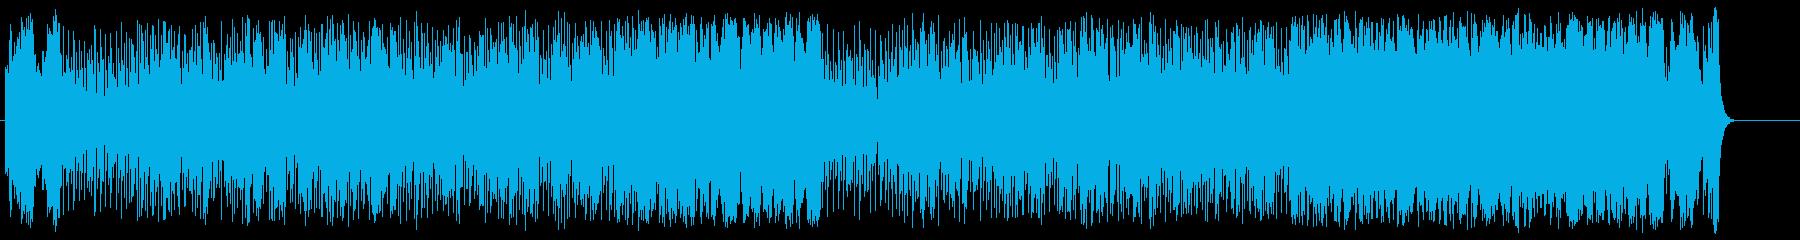 スリル感とゴージャス感を合わせ持つ夜の再生済みの波形